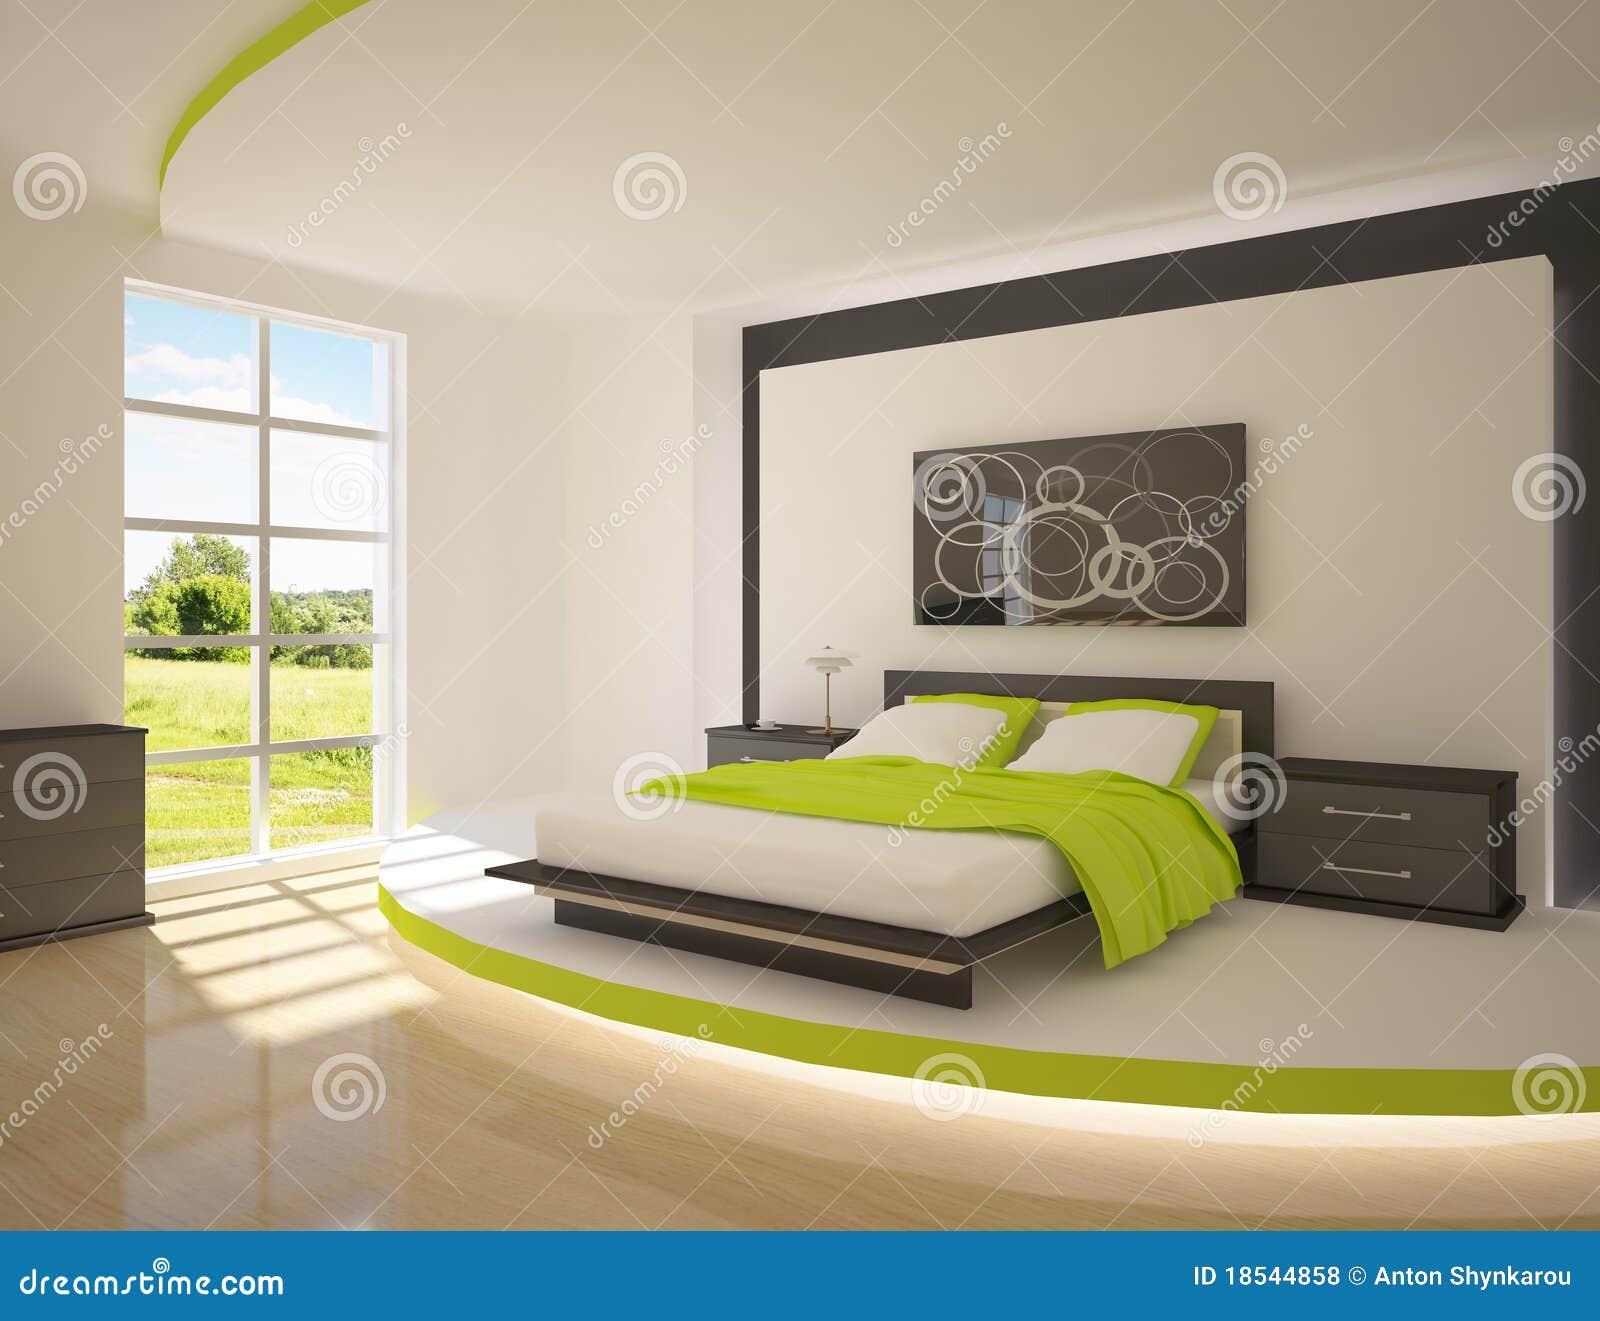 Grünes Schlafzimmer stock abbildung. Illustration von luxus - 18544858